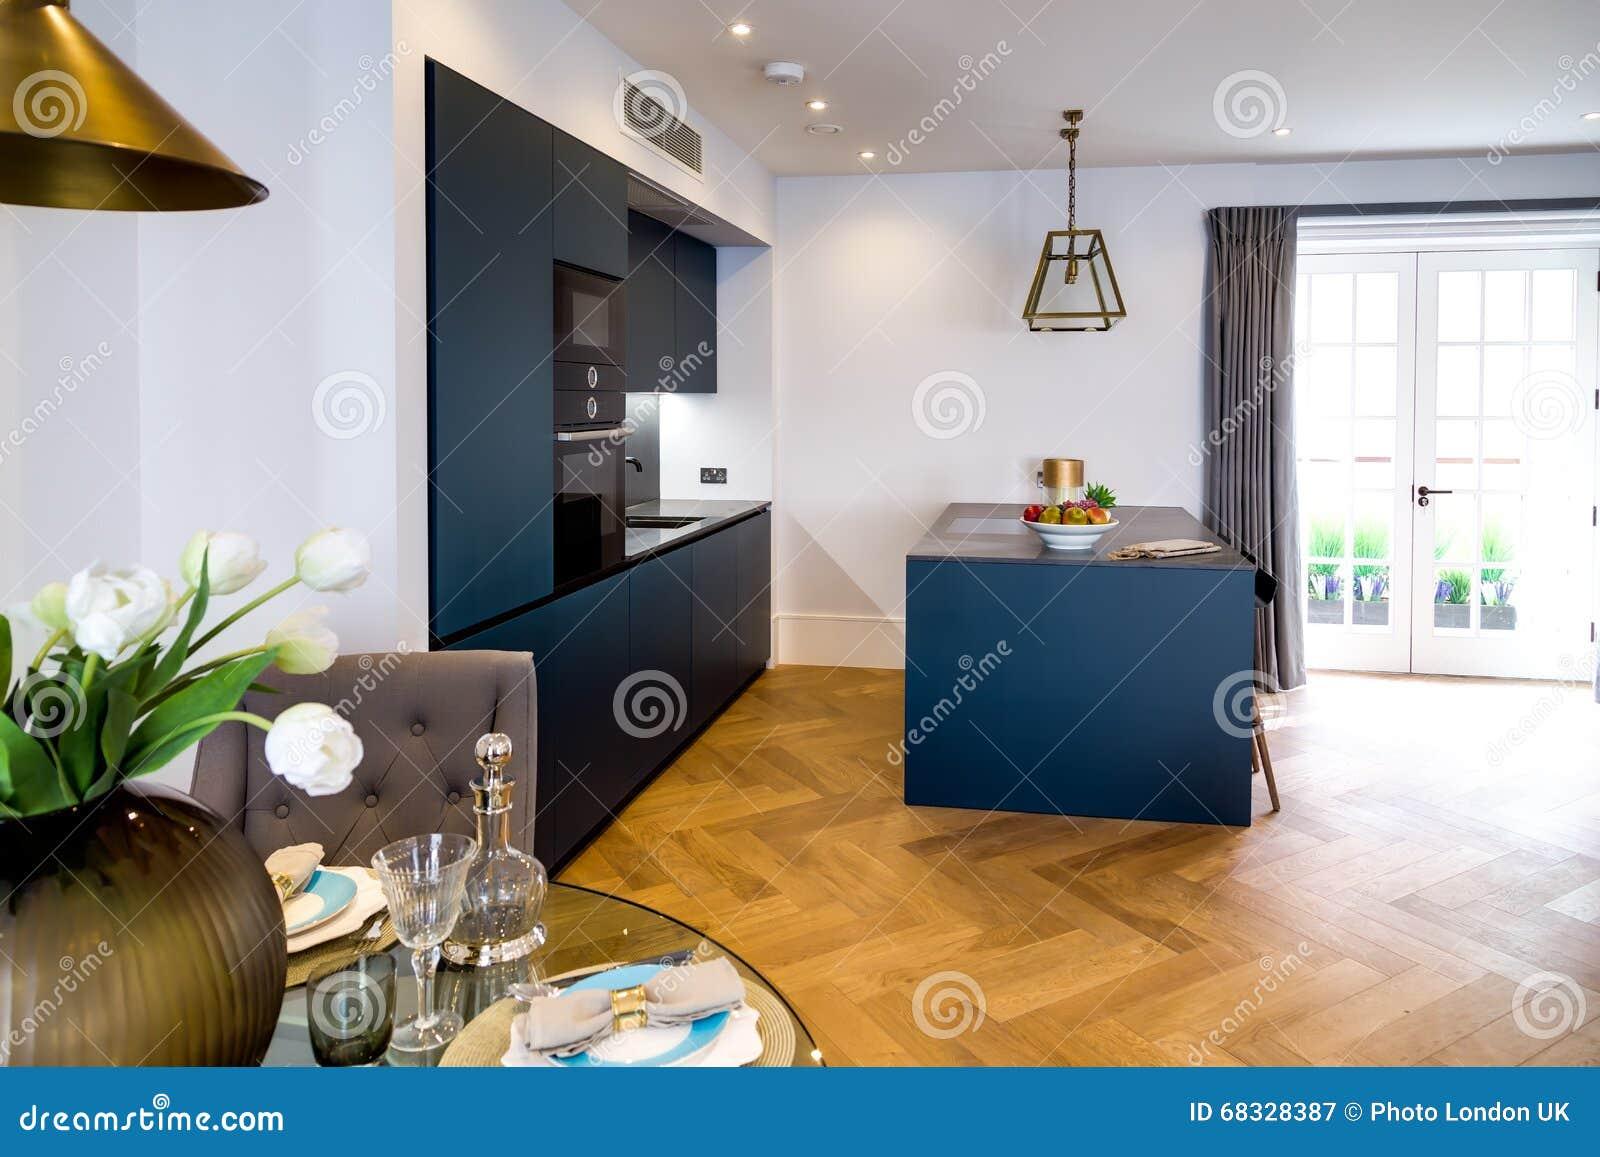 Dekorative Kuche Und Speisetisch Stockbild Bild Von Dekorative Speisetisch 68328387